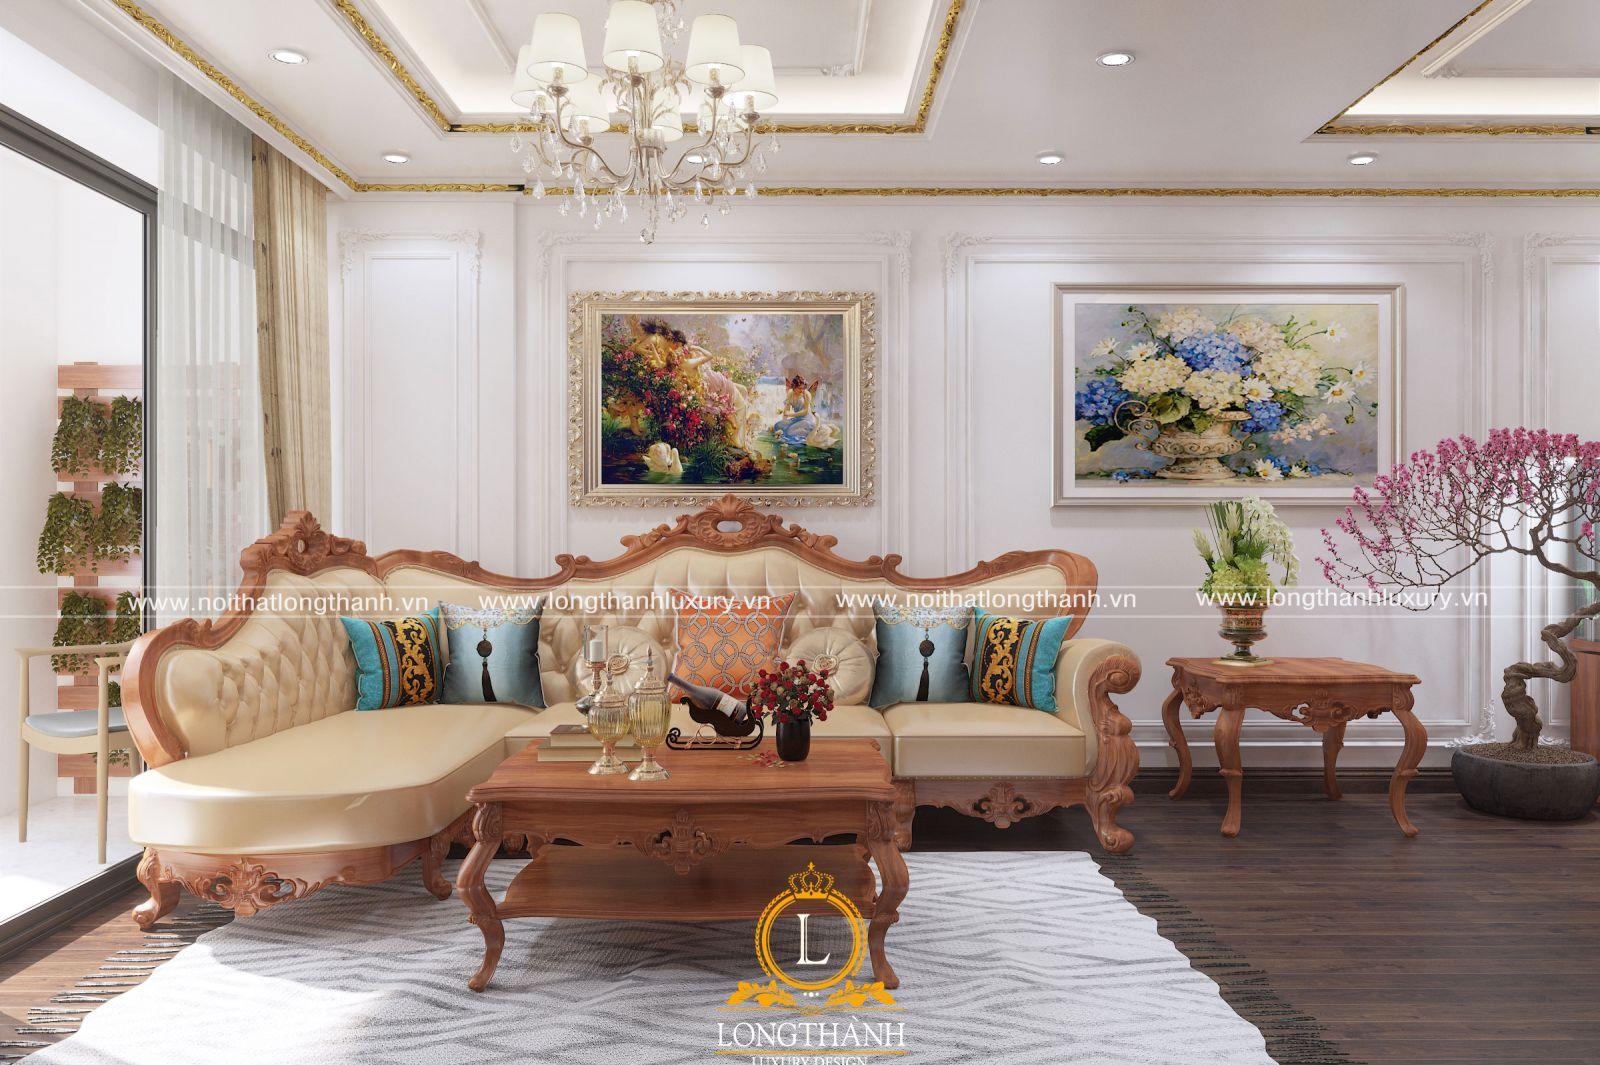 Sofa chữ L cho phòng khách chung cư sang trọng